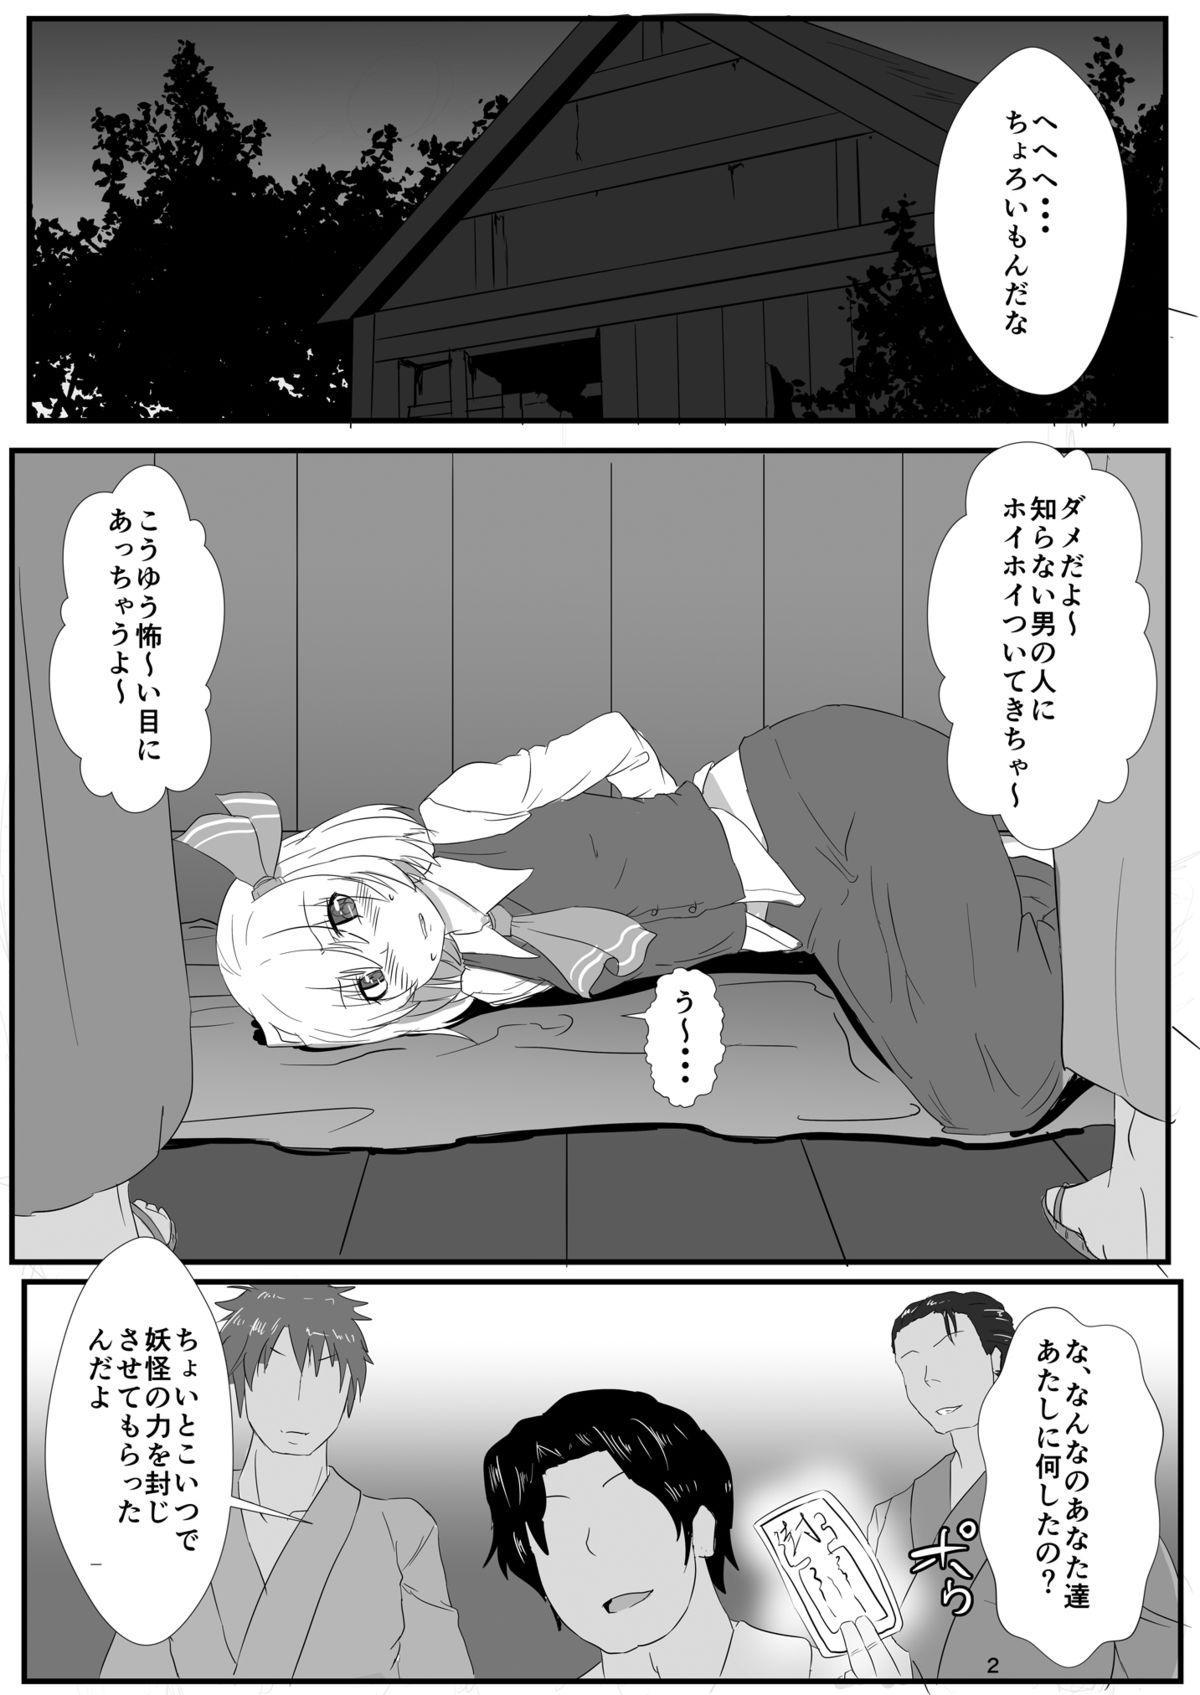 Otomekui 2